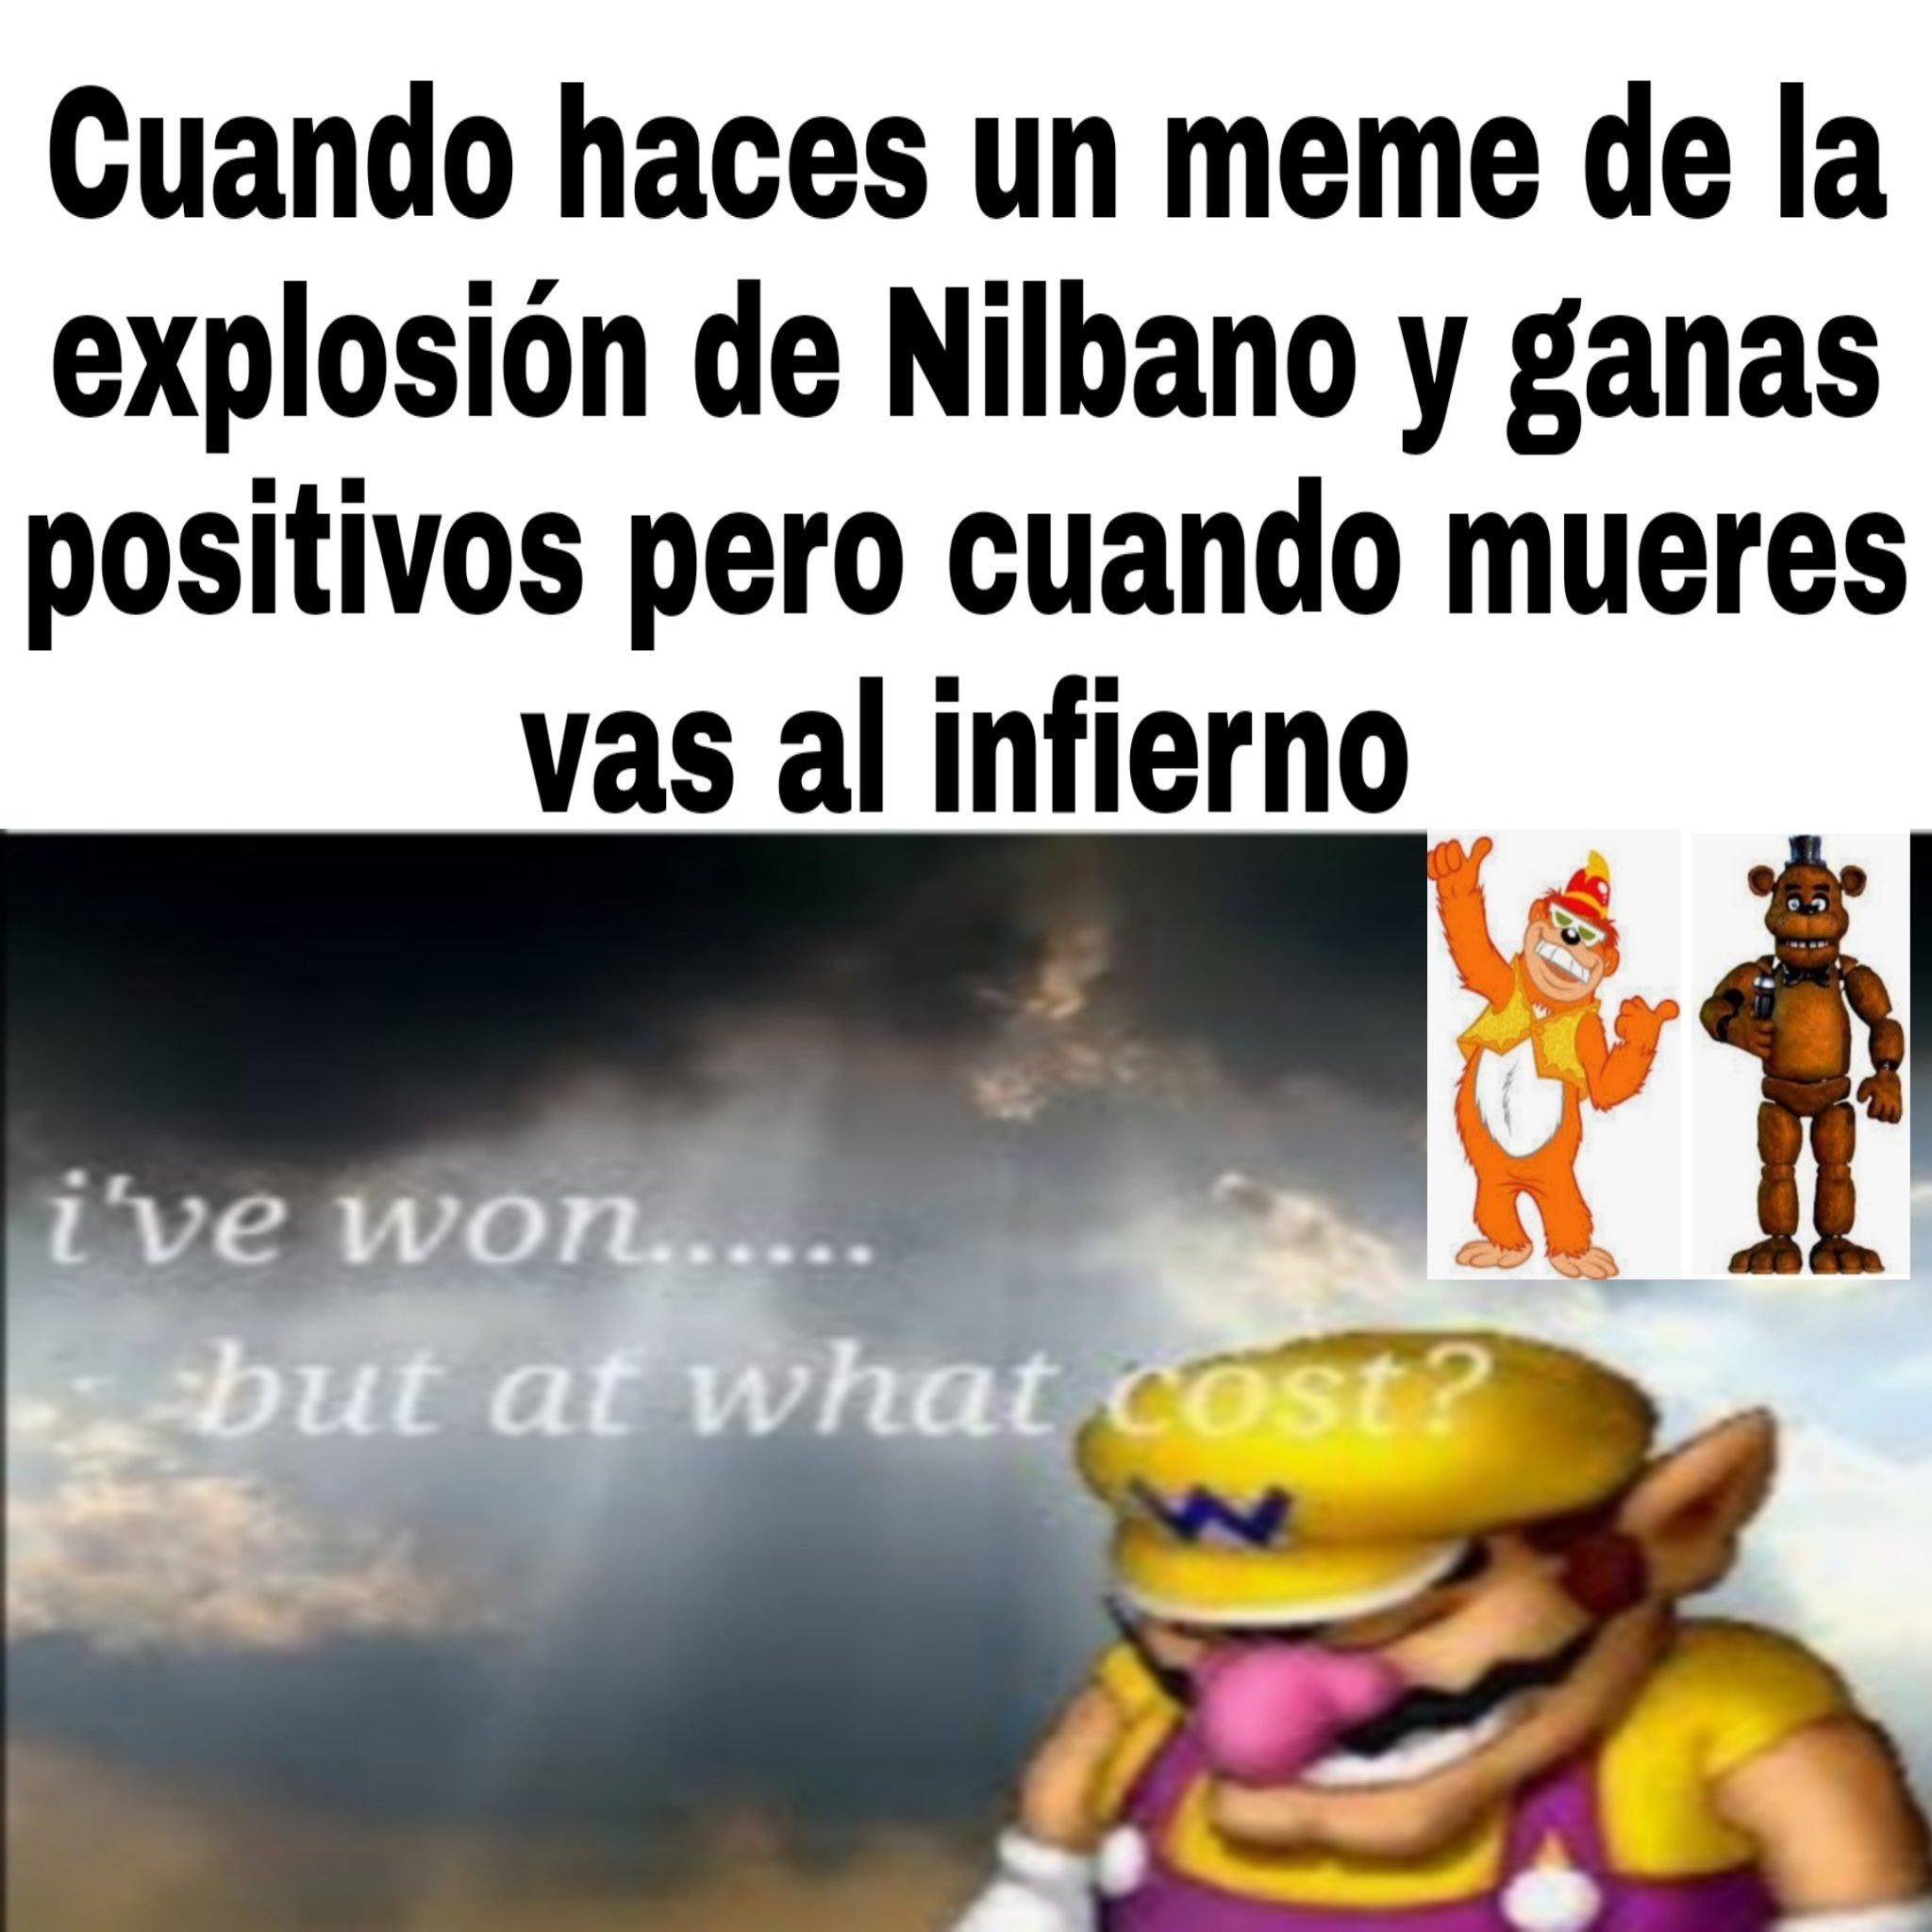 bxbzbskw2 - meme